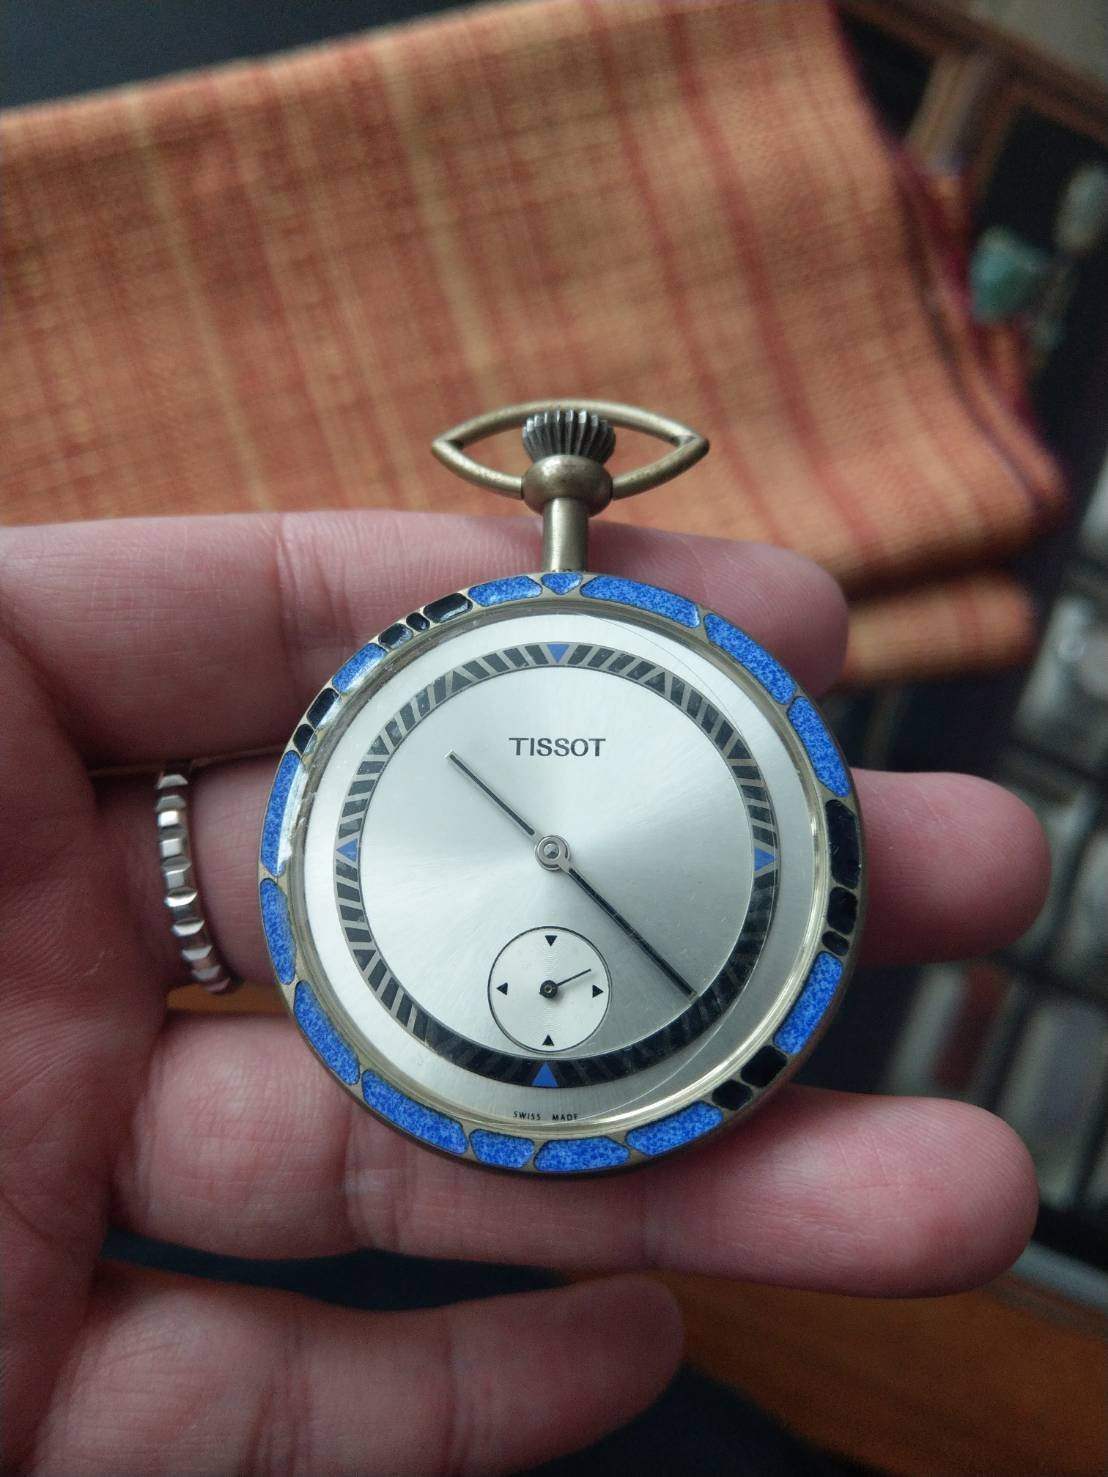 【低調的奢華】天梭 TISSOT 手上鍊懷錶 純銀彩繪錶殼 獨立小秒盤 全球限量 絕版珍藏品